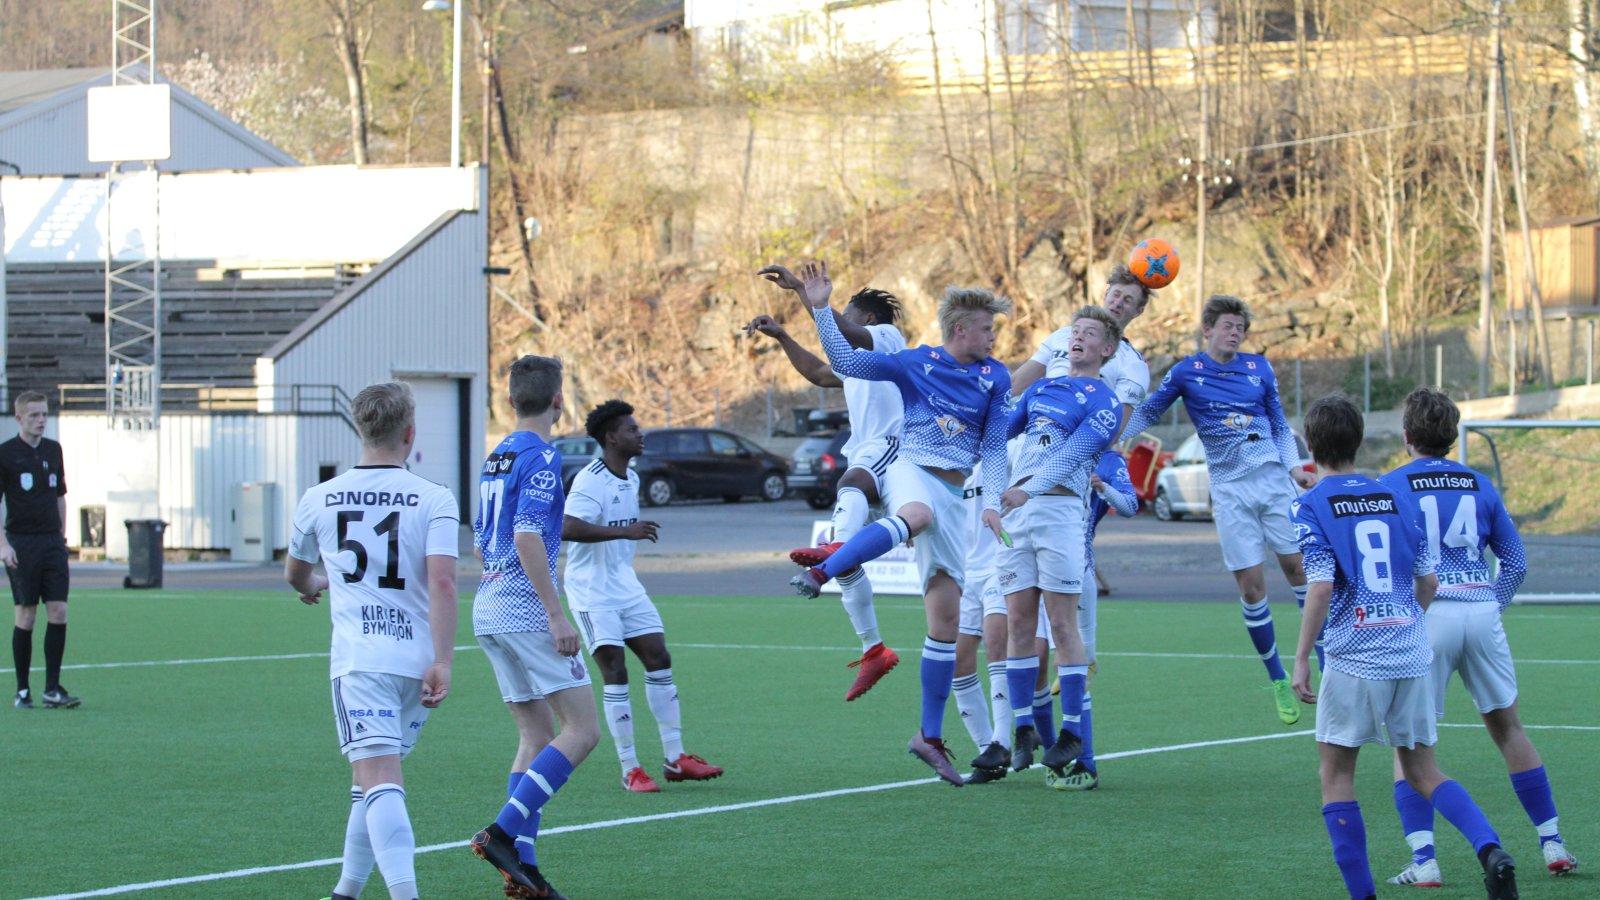 Arendal junior mot Søgne, våren 2019.